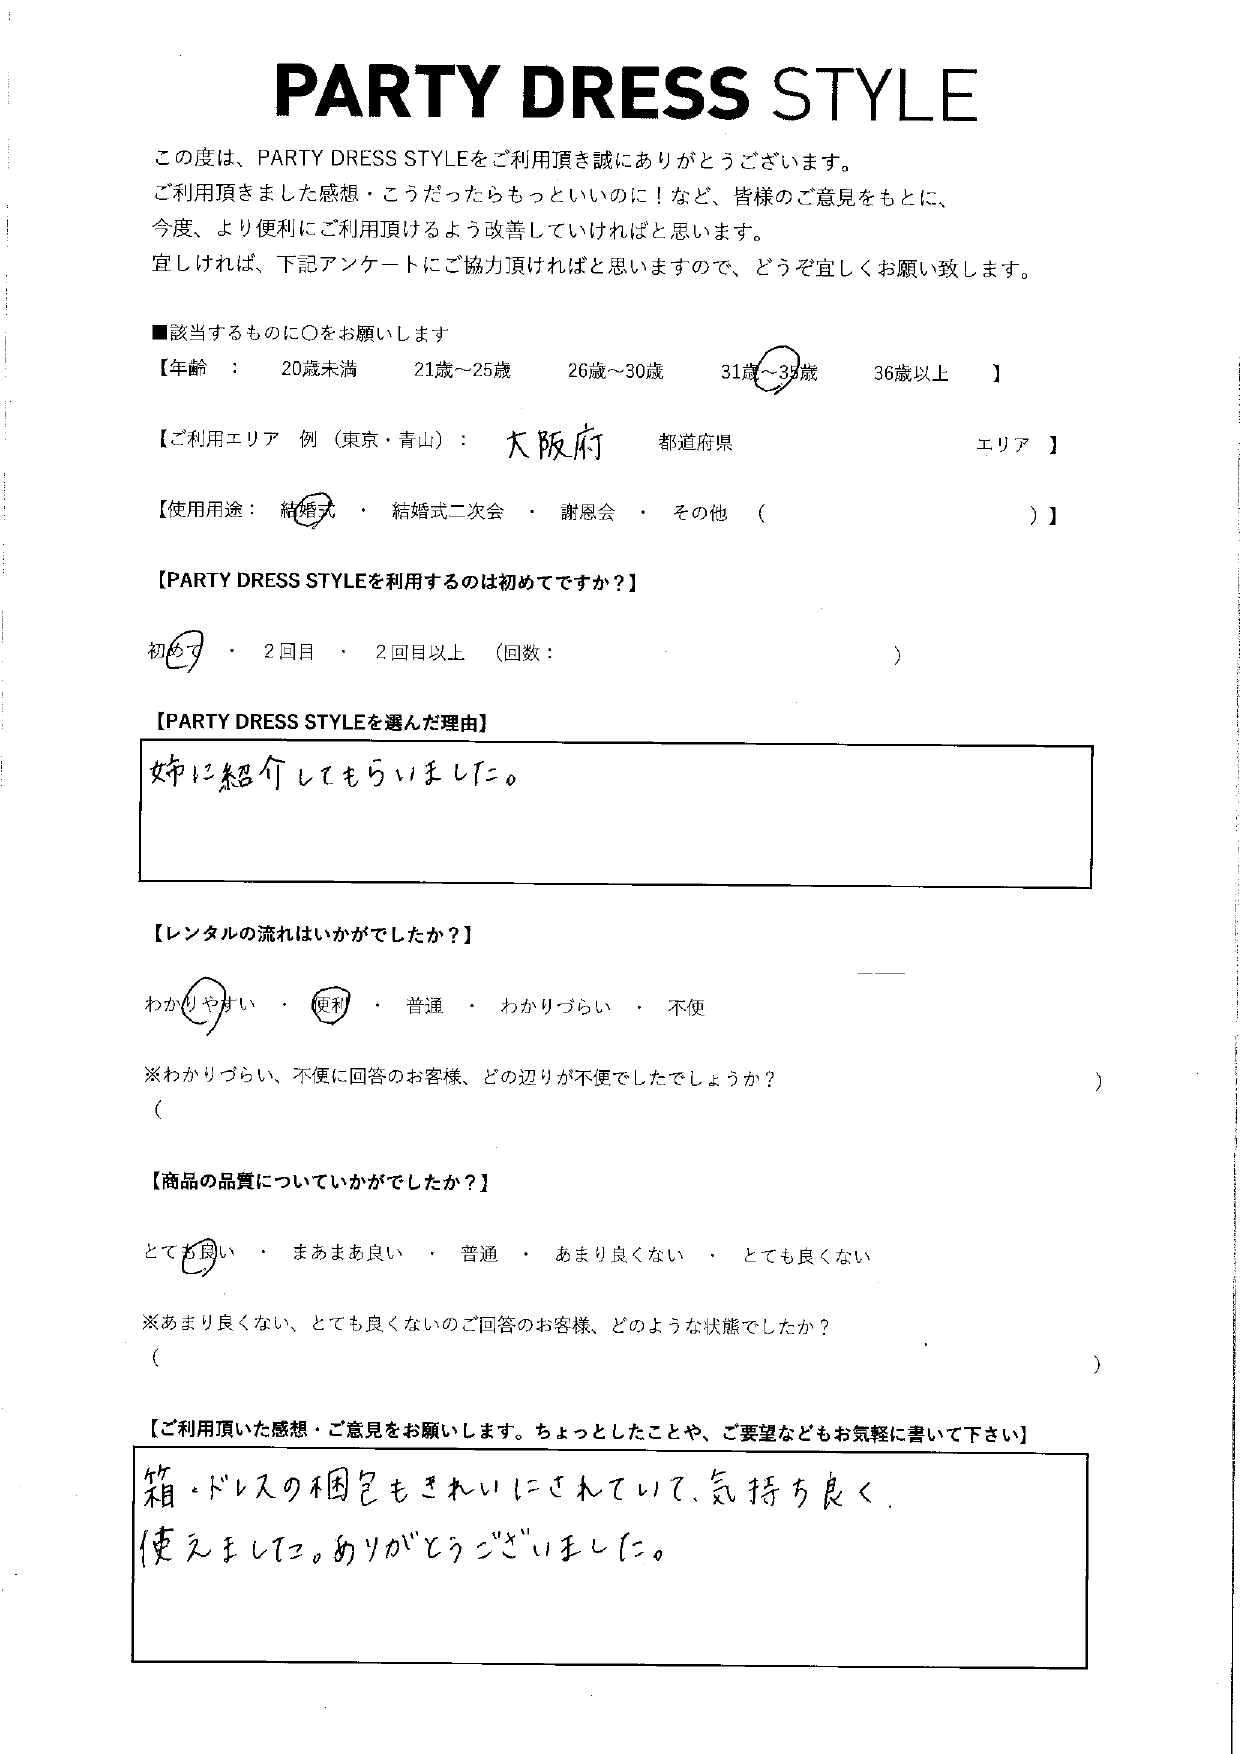 12/13結婚式ご利用 大阪エリア